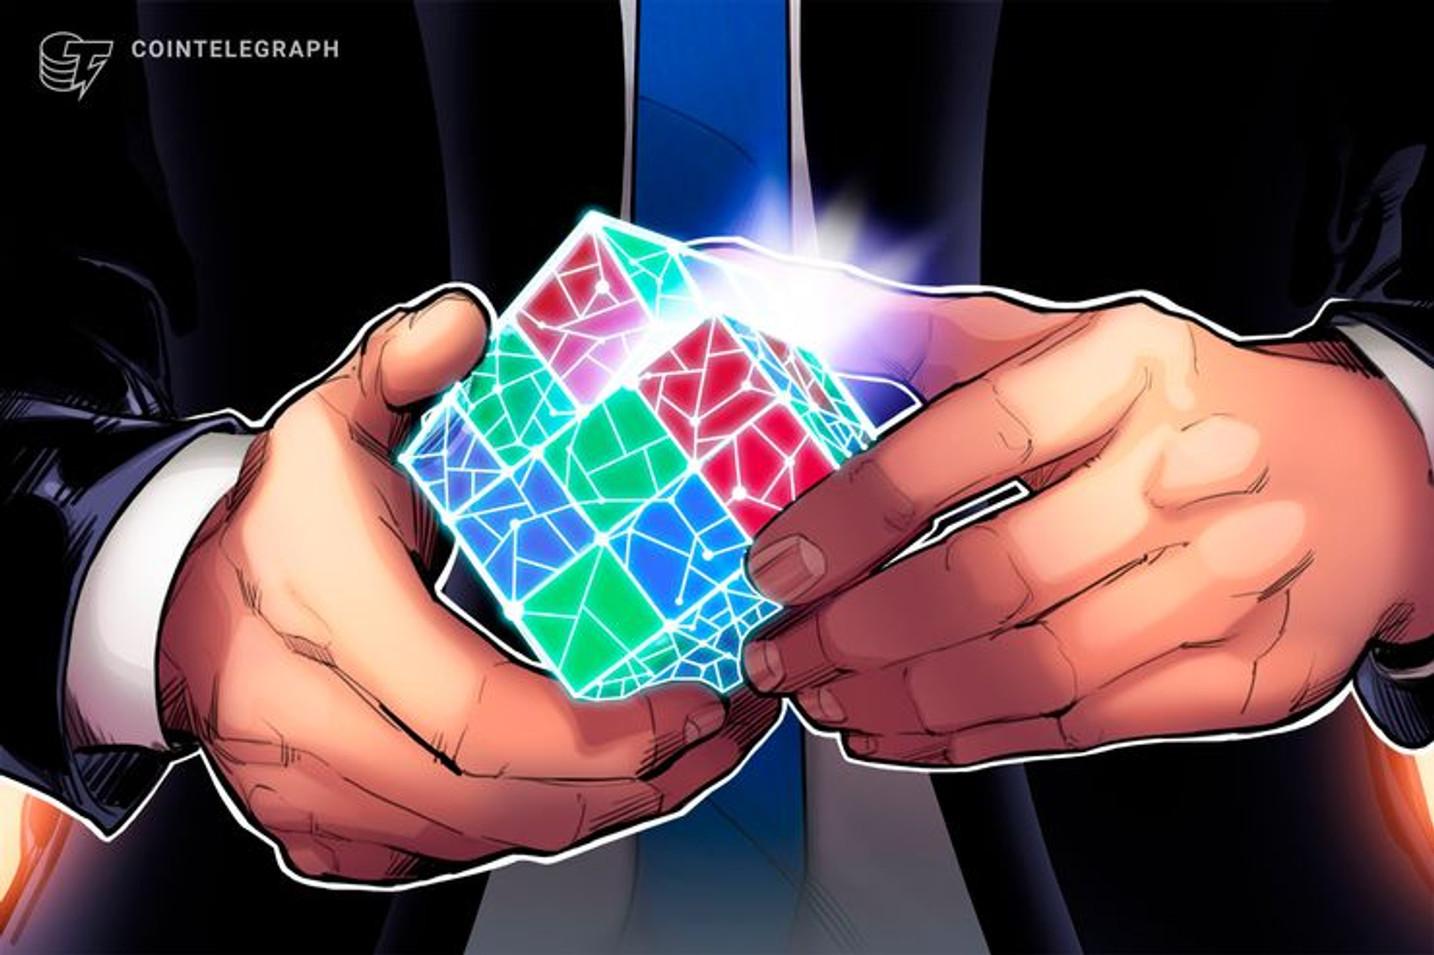 Brasil foca em IoT e blockchain e inaugura Centro Tecnológico em parceria com o Fórum Econômico Mundial